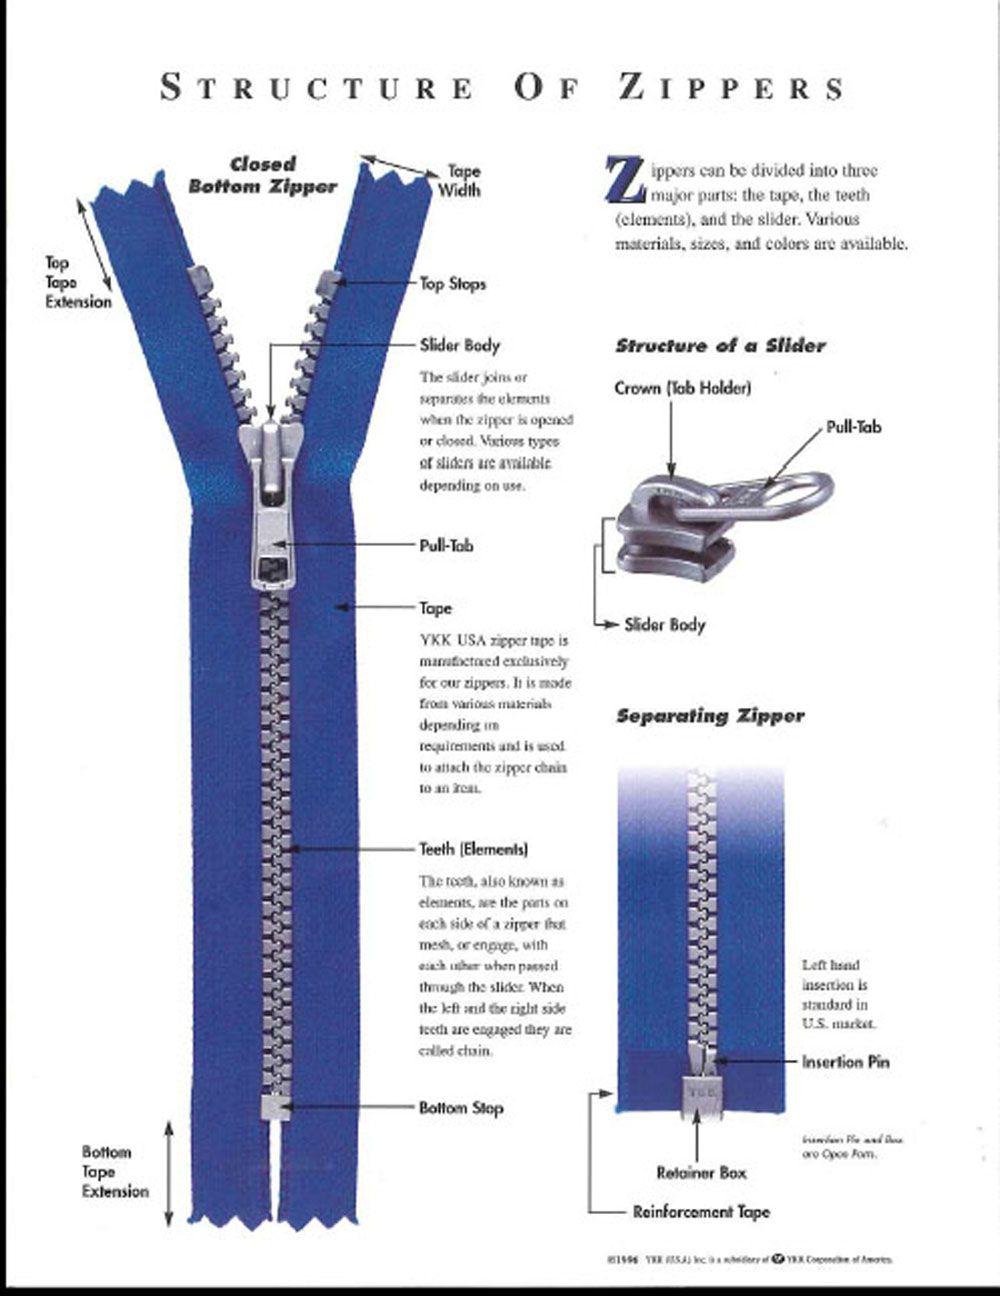 Structure of zippers | Zipper, Sewing skills, Wlen